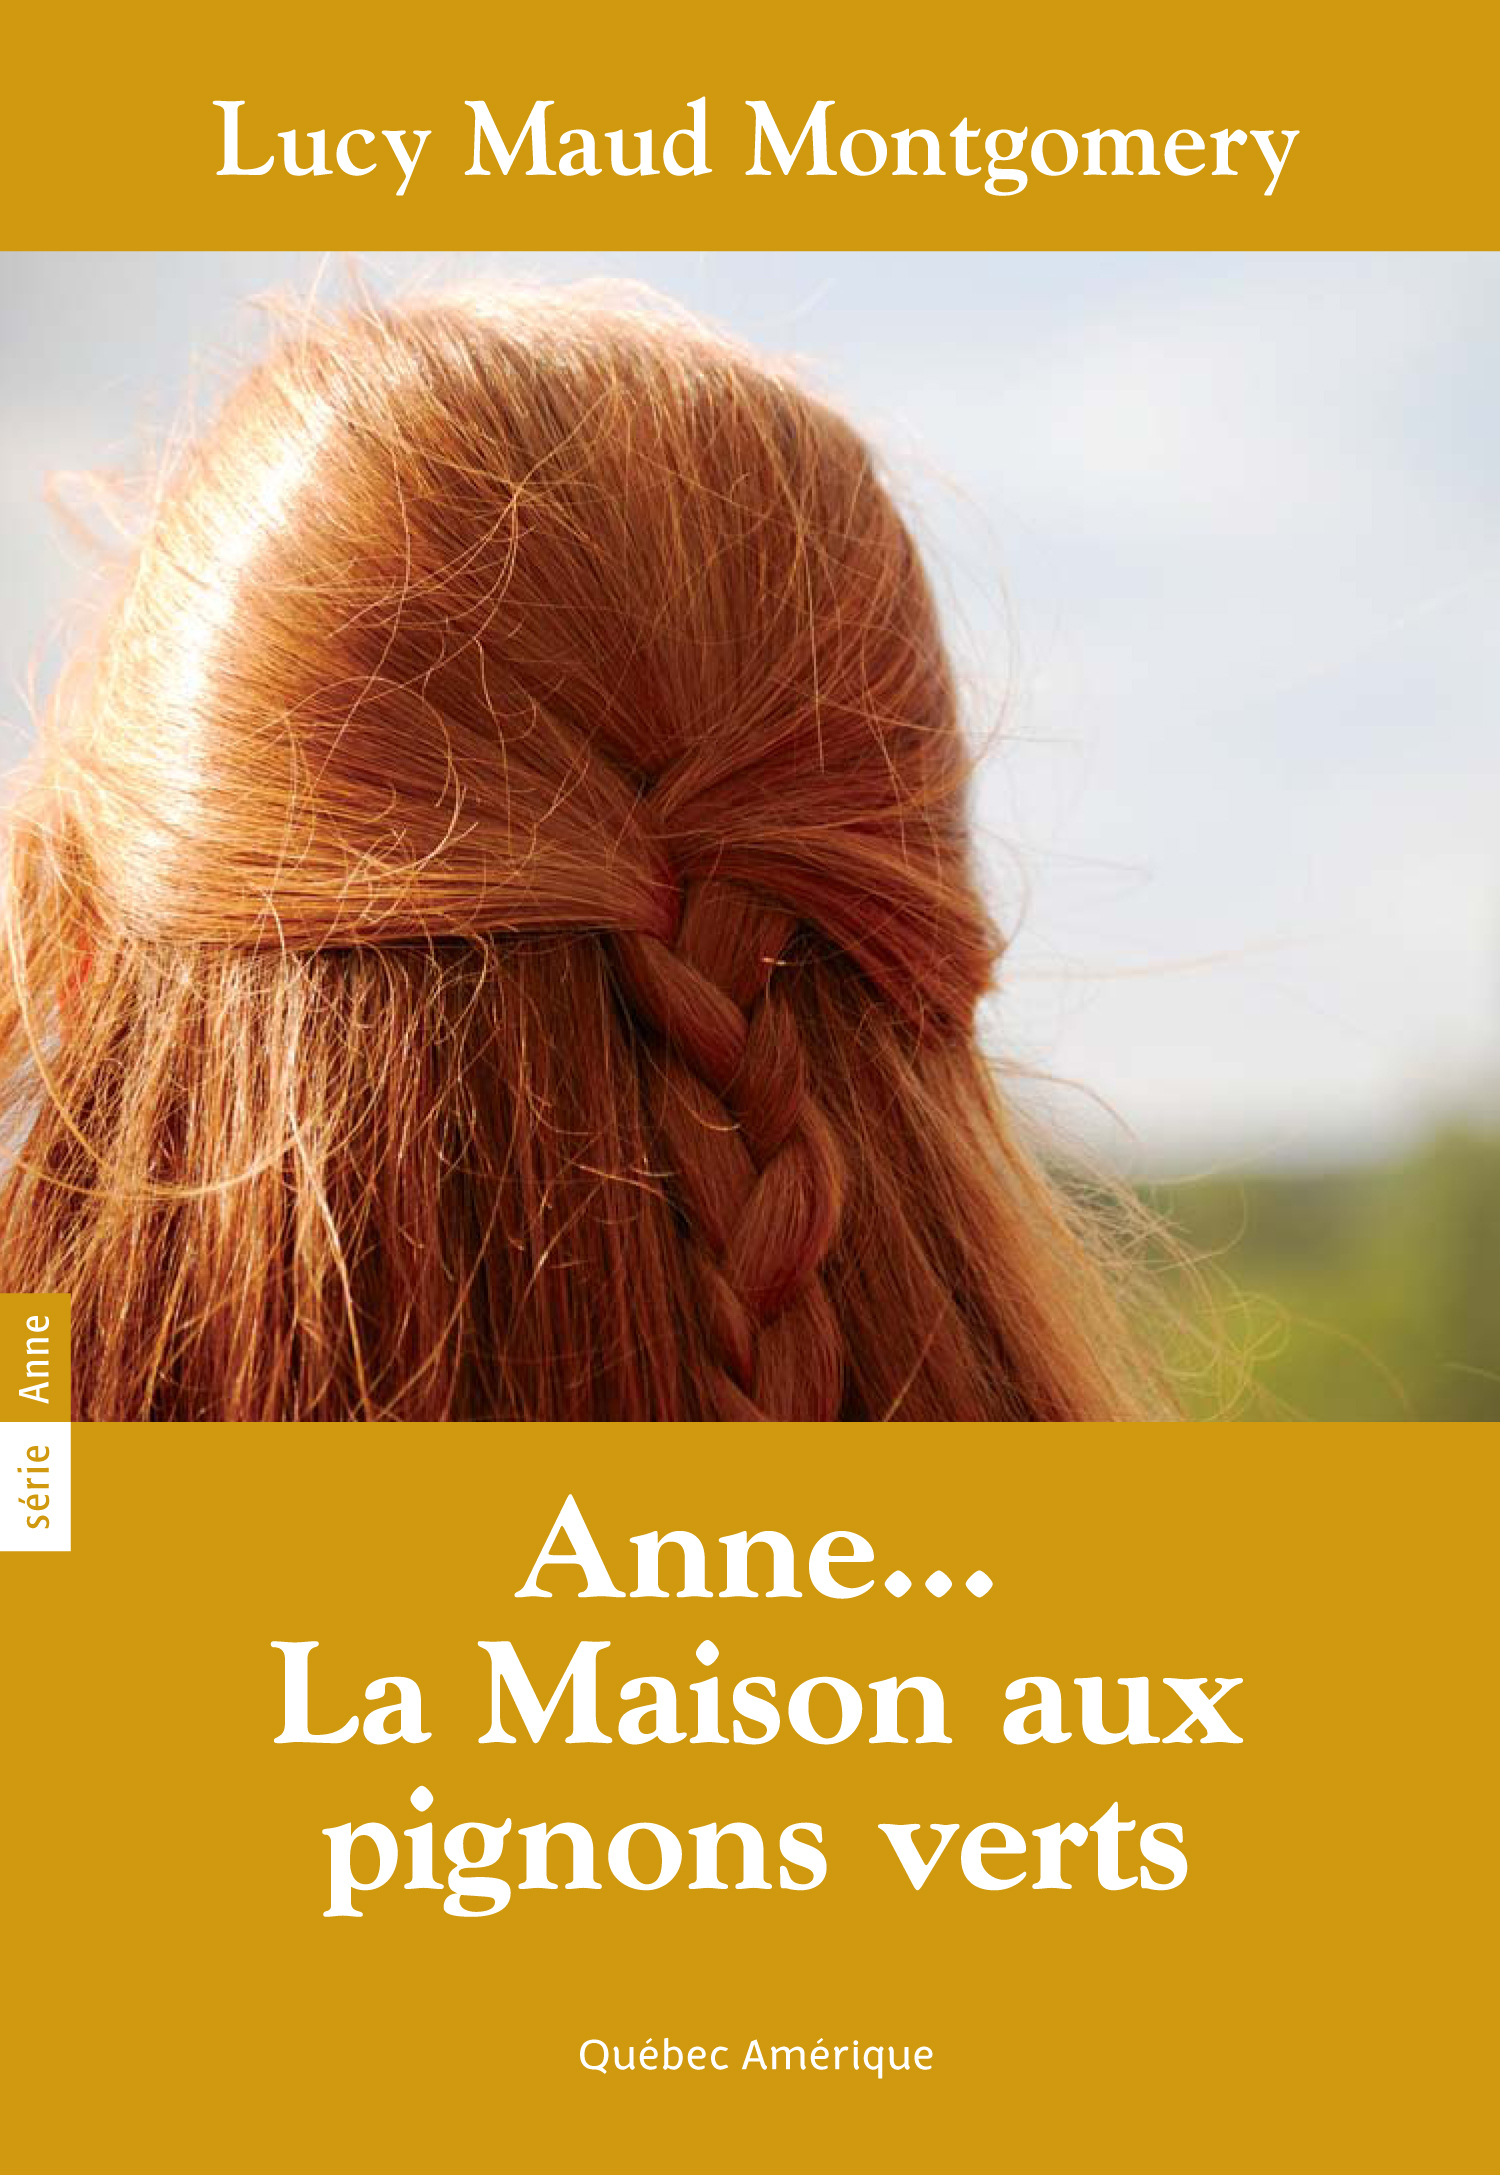 Anne 01 - Anne… La Maison aux pignons verts